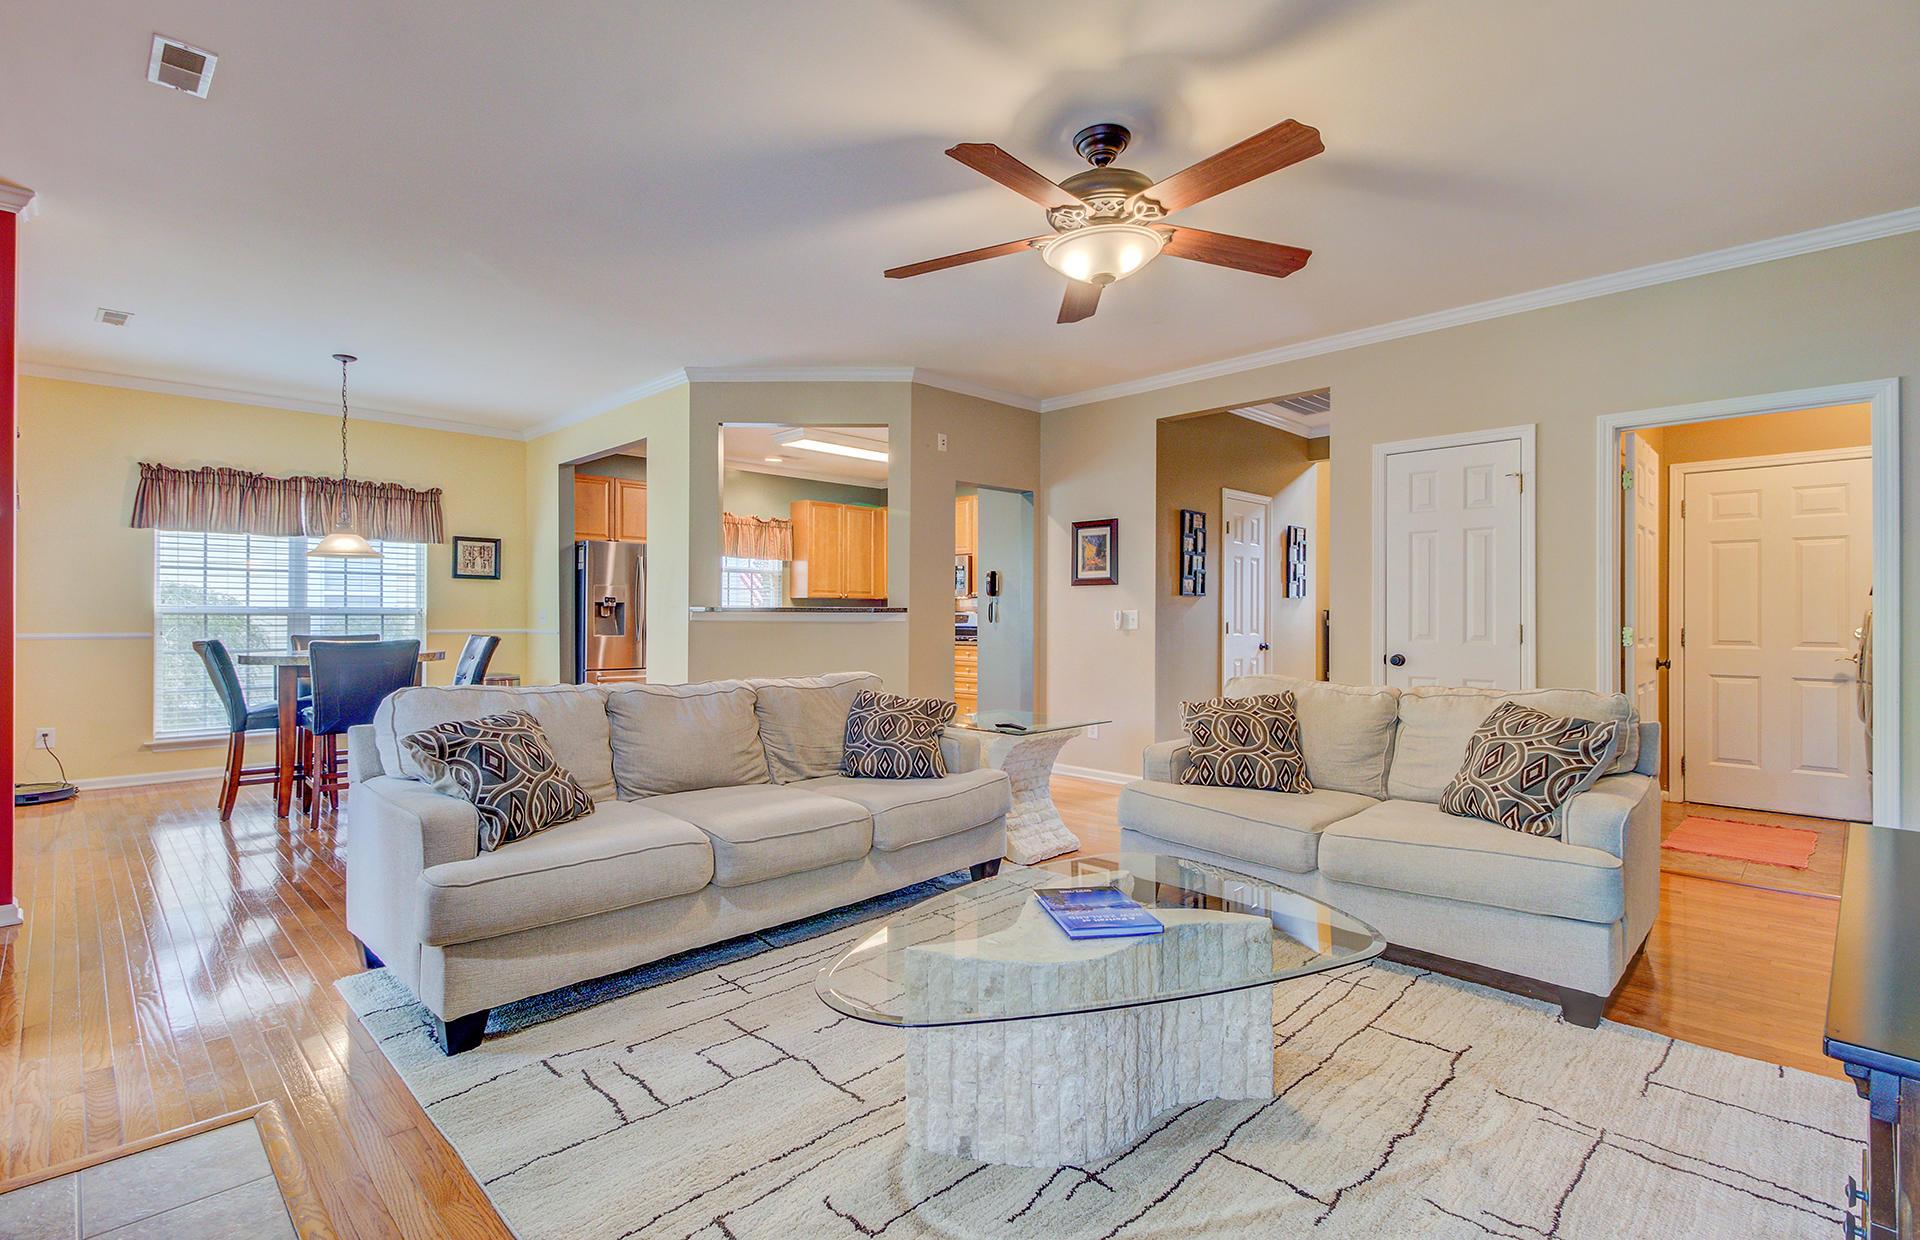 Park West Homes For Sale - 3120 Sonja, Mount Pleasant, SC - 27